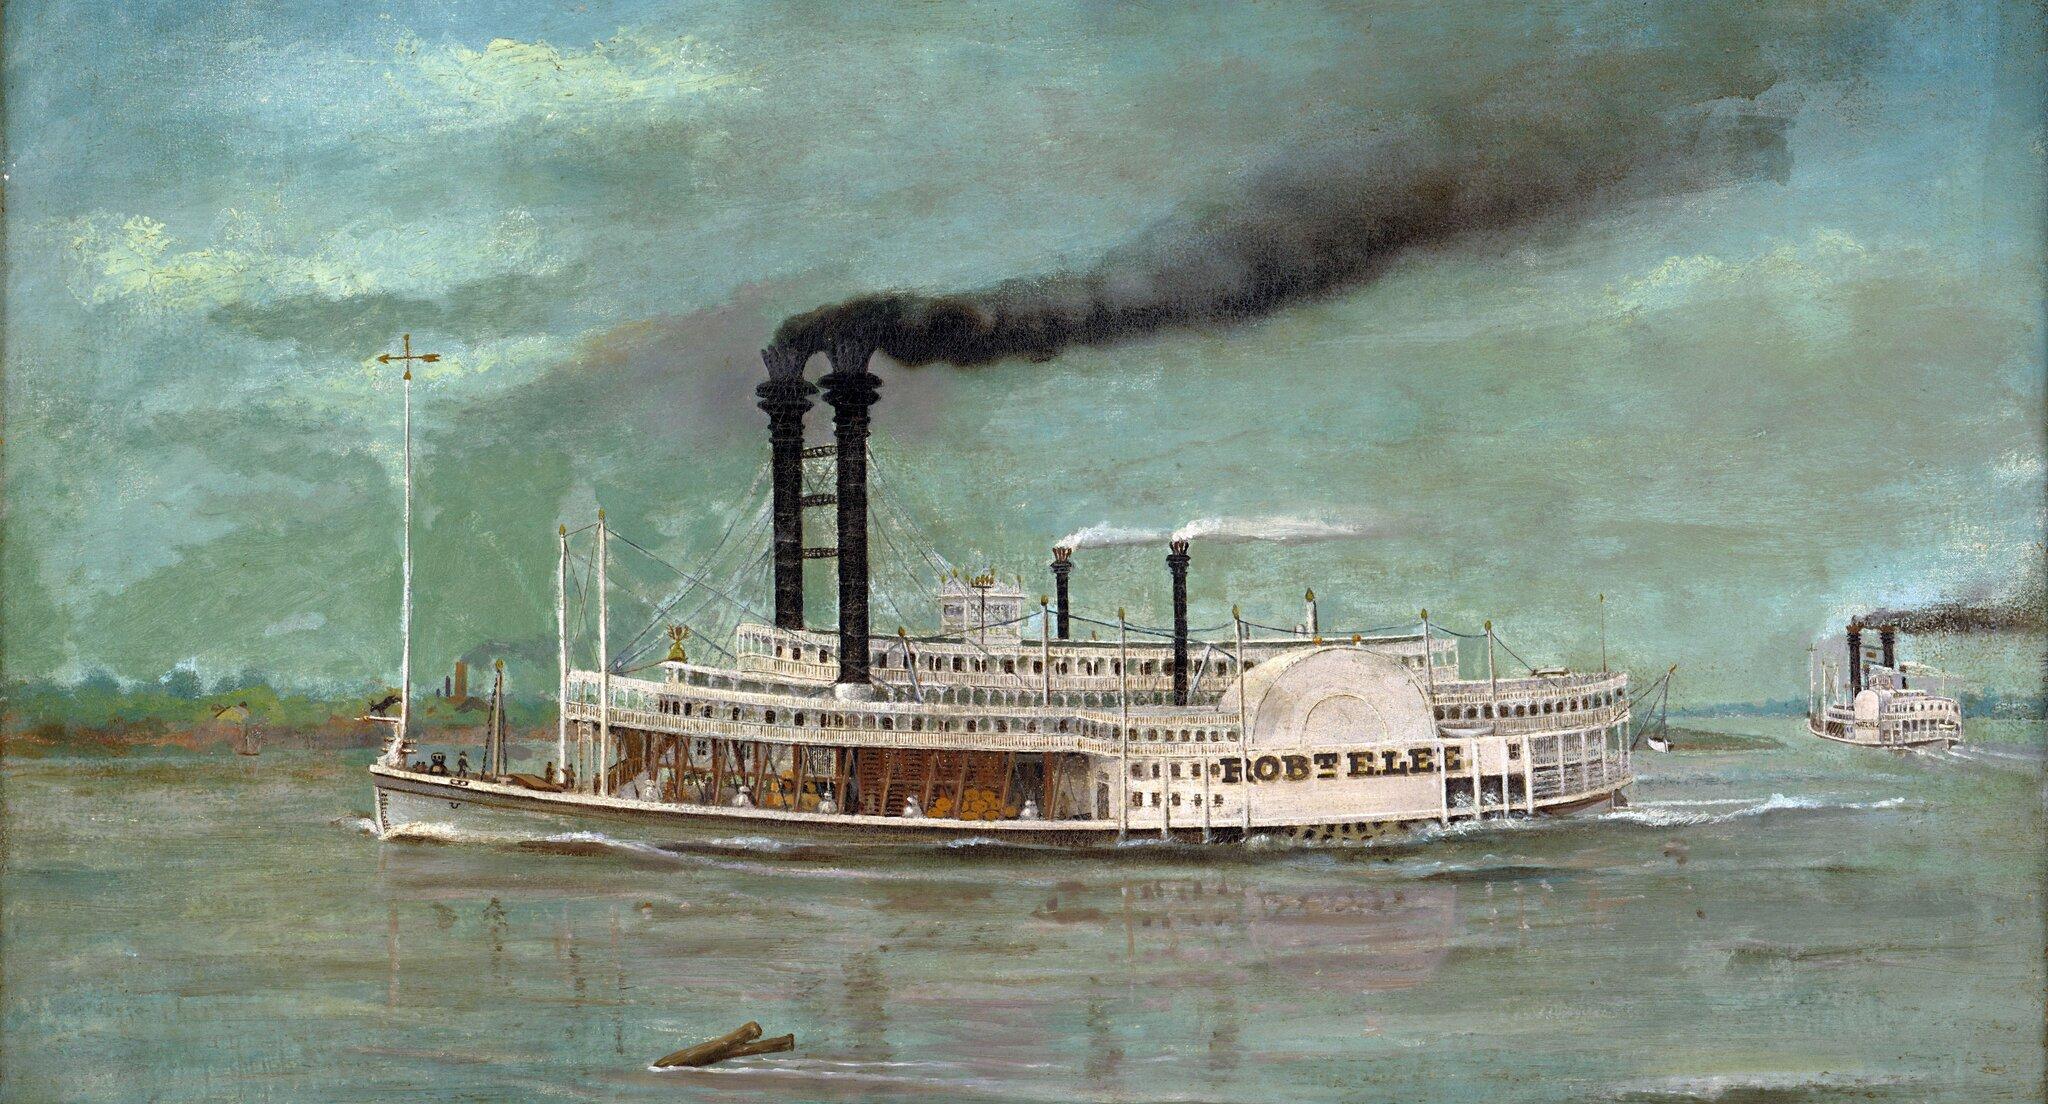 Statek parowy Źródło: Robert E. Lee, Statek parowy, 1884, domena publiczna.